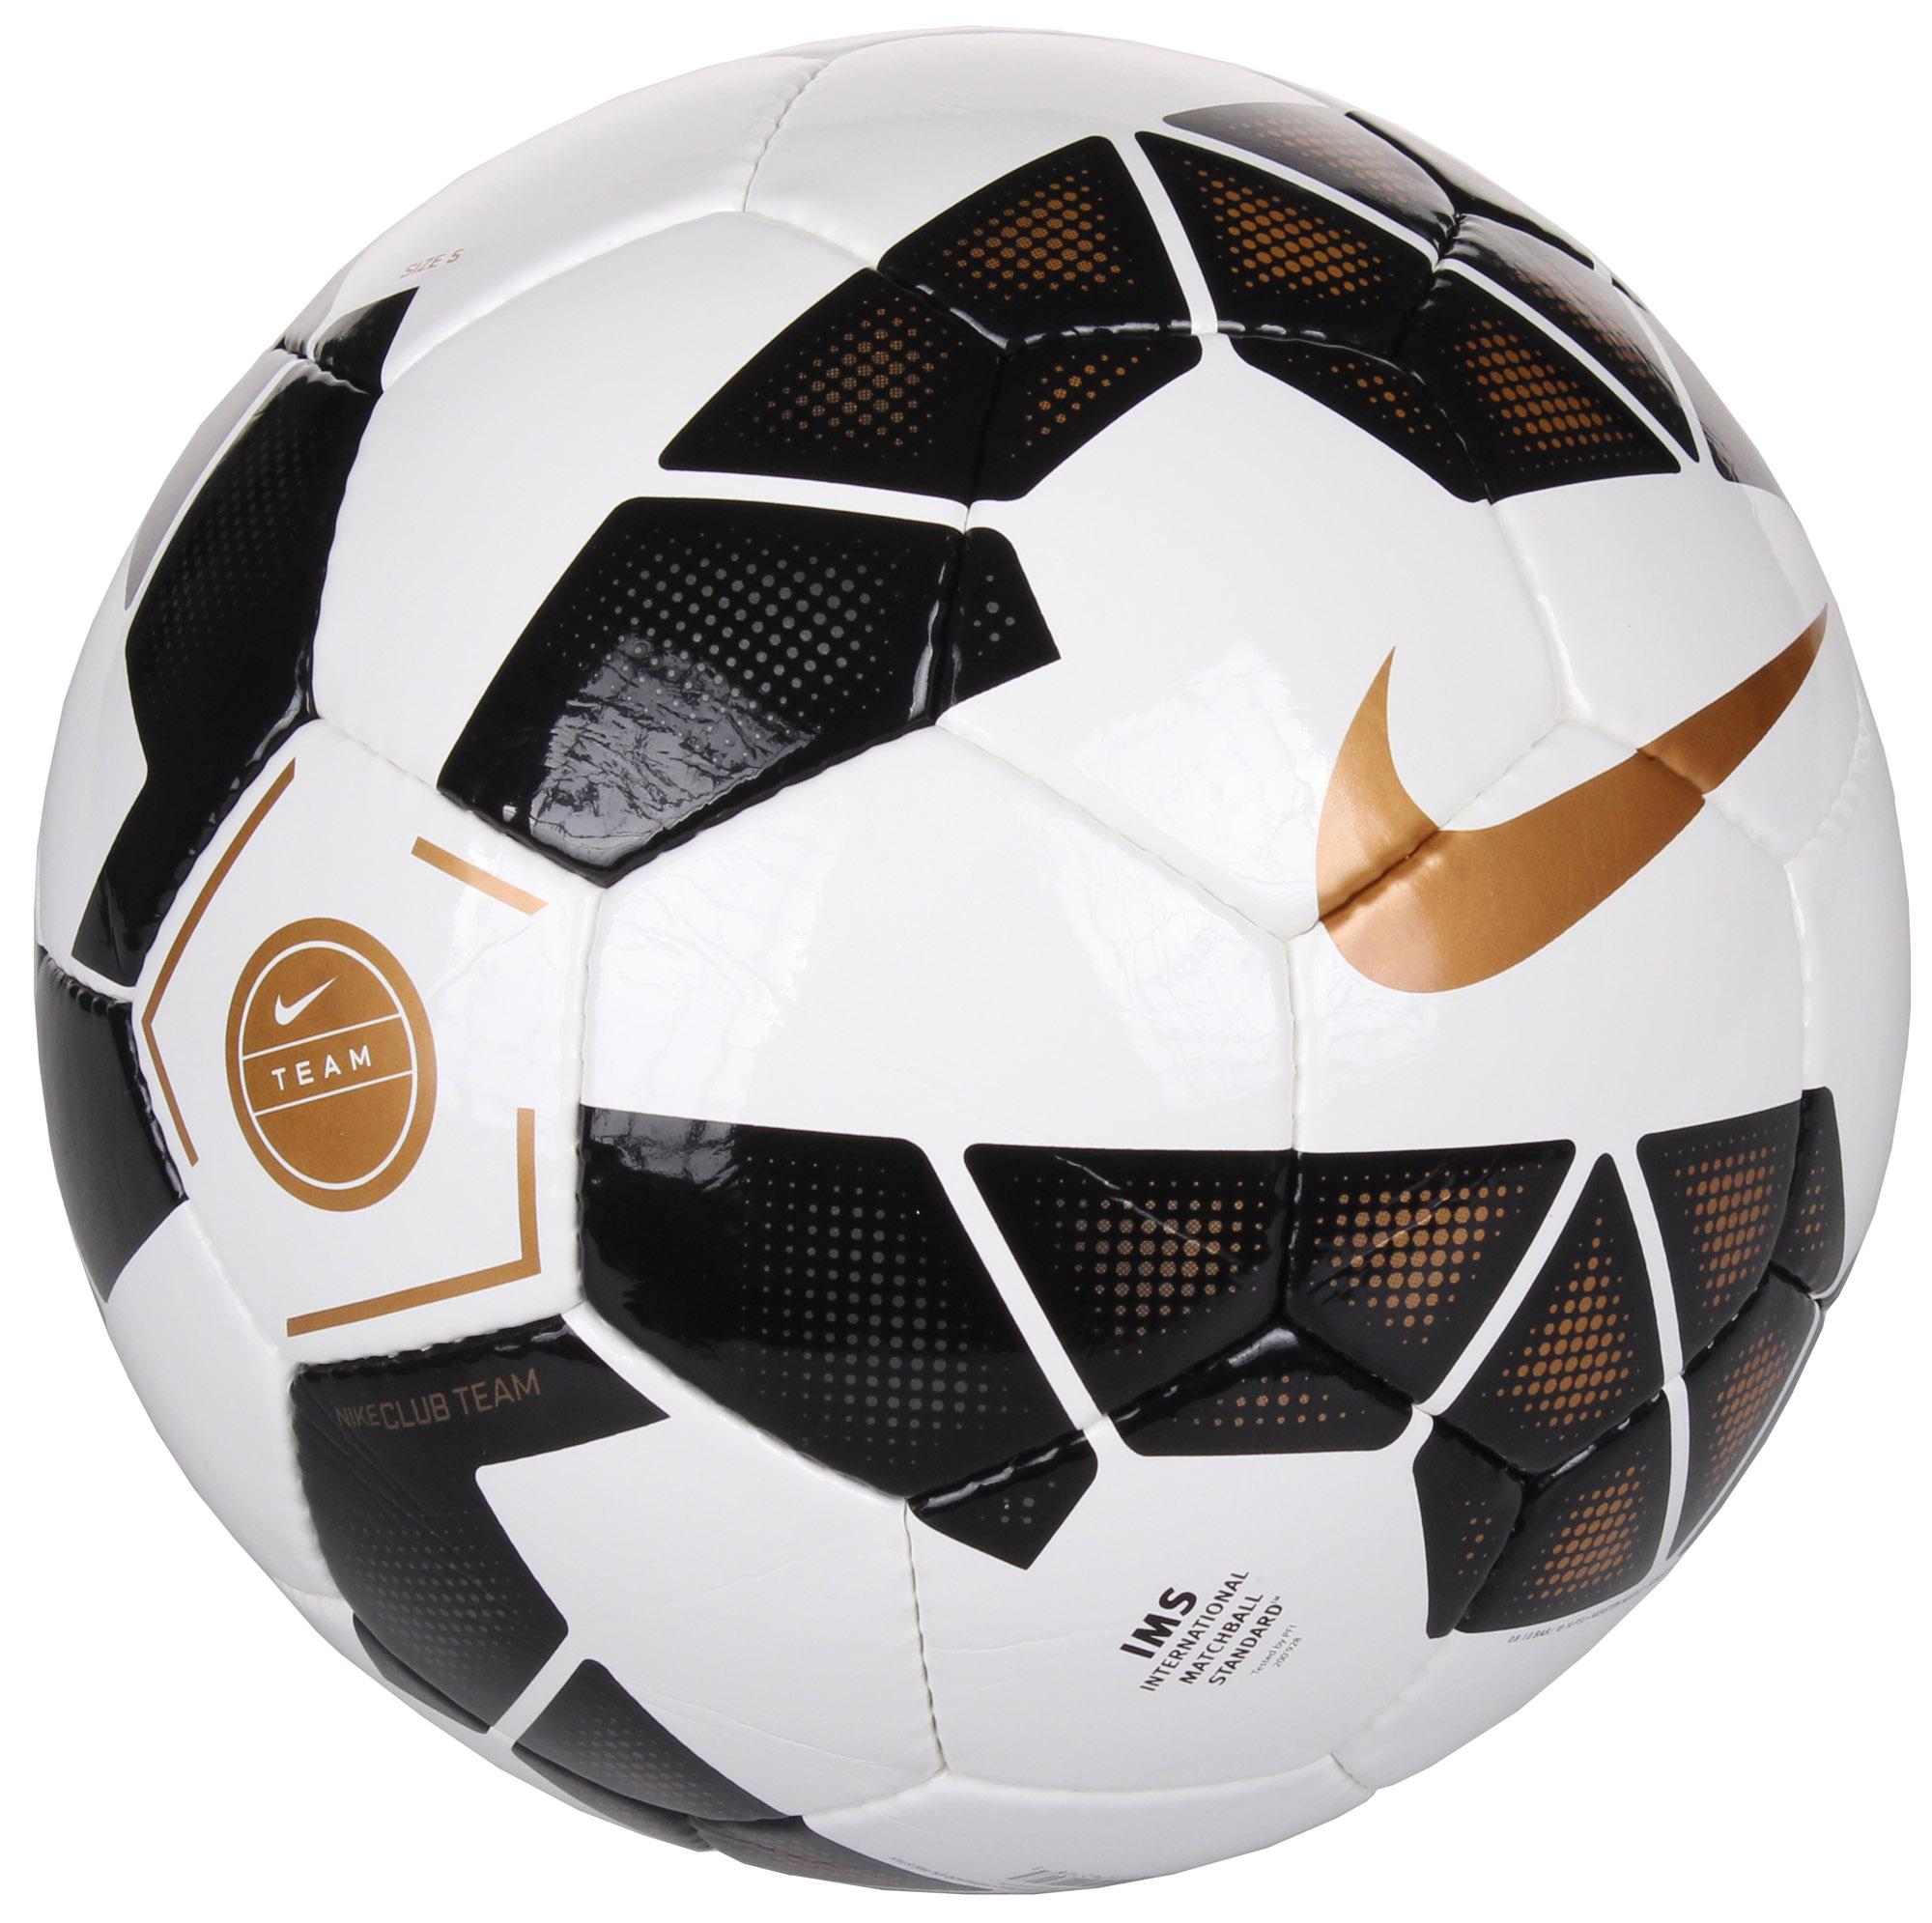 NIKE Club Team fotbalový míč - vel. 5